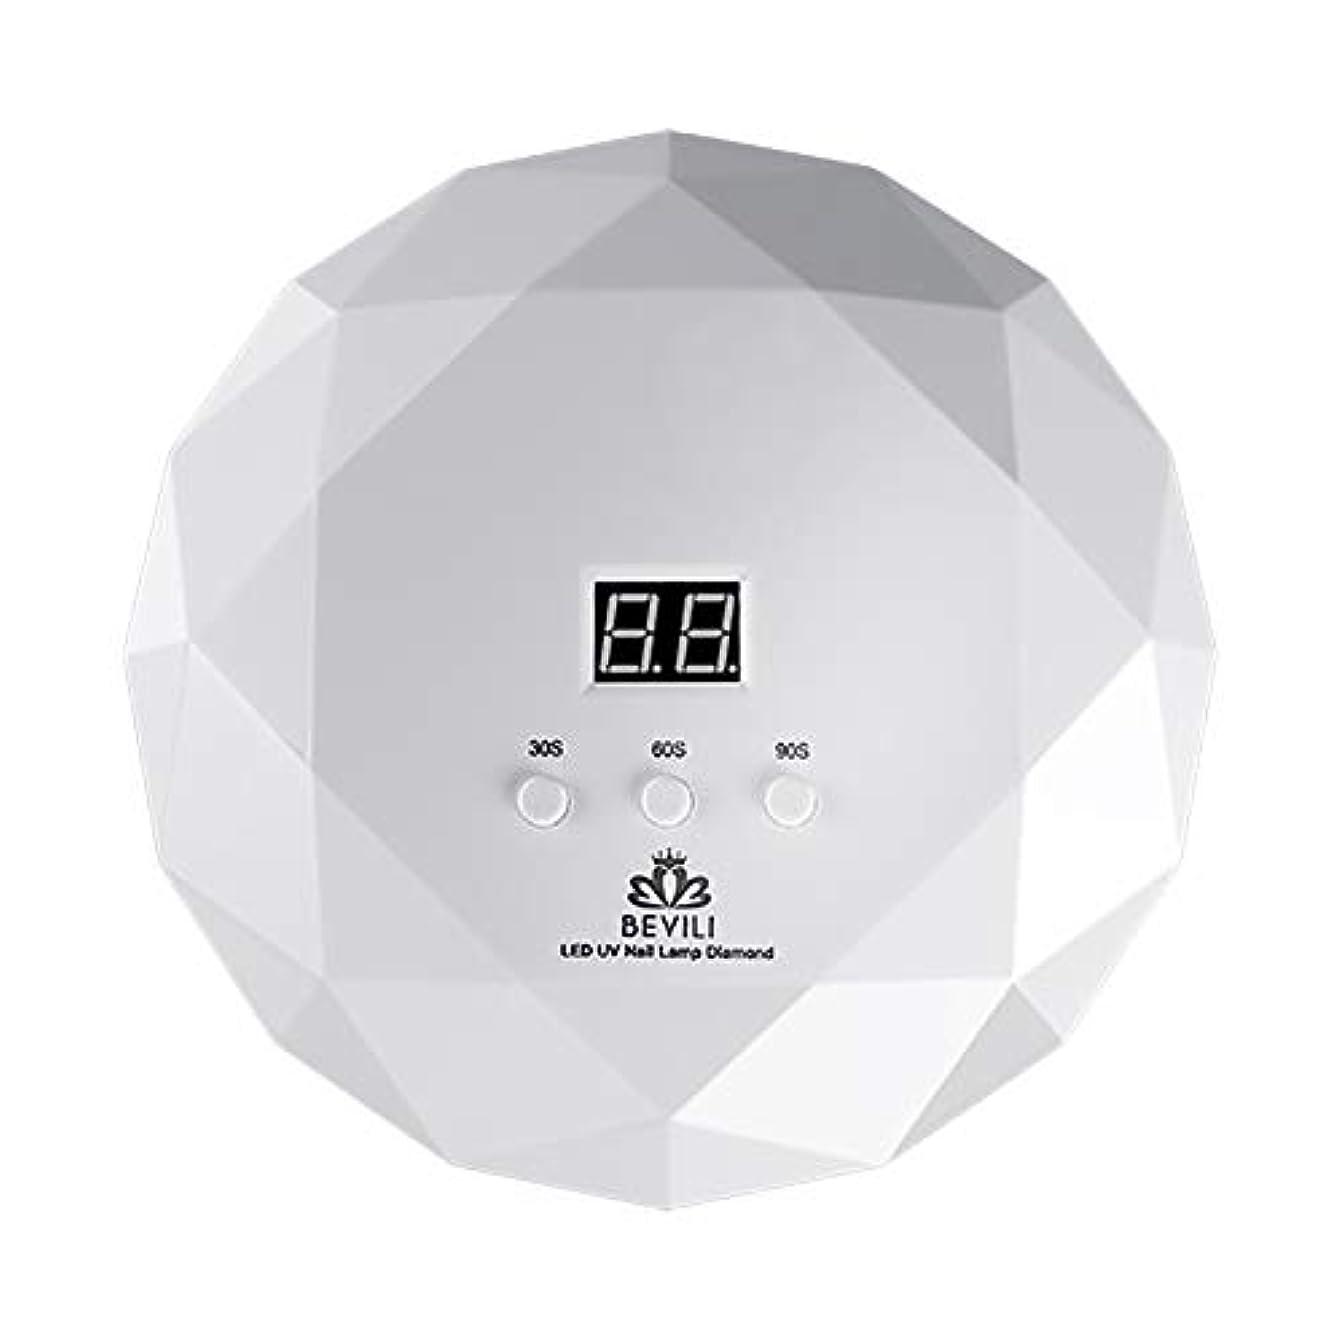 ちなみにストッキング入り口LITI LEDネイルドライヤー UVネイルライト 36Wハイパワー 自動センサー 3段階タイマー設定 高速硬化ジェルネイルライト UVとLEDダブルライト肌をケア ジェルネイル用 ホワイト